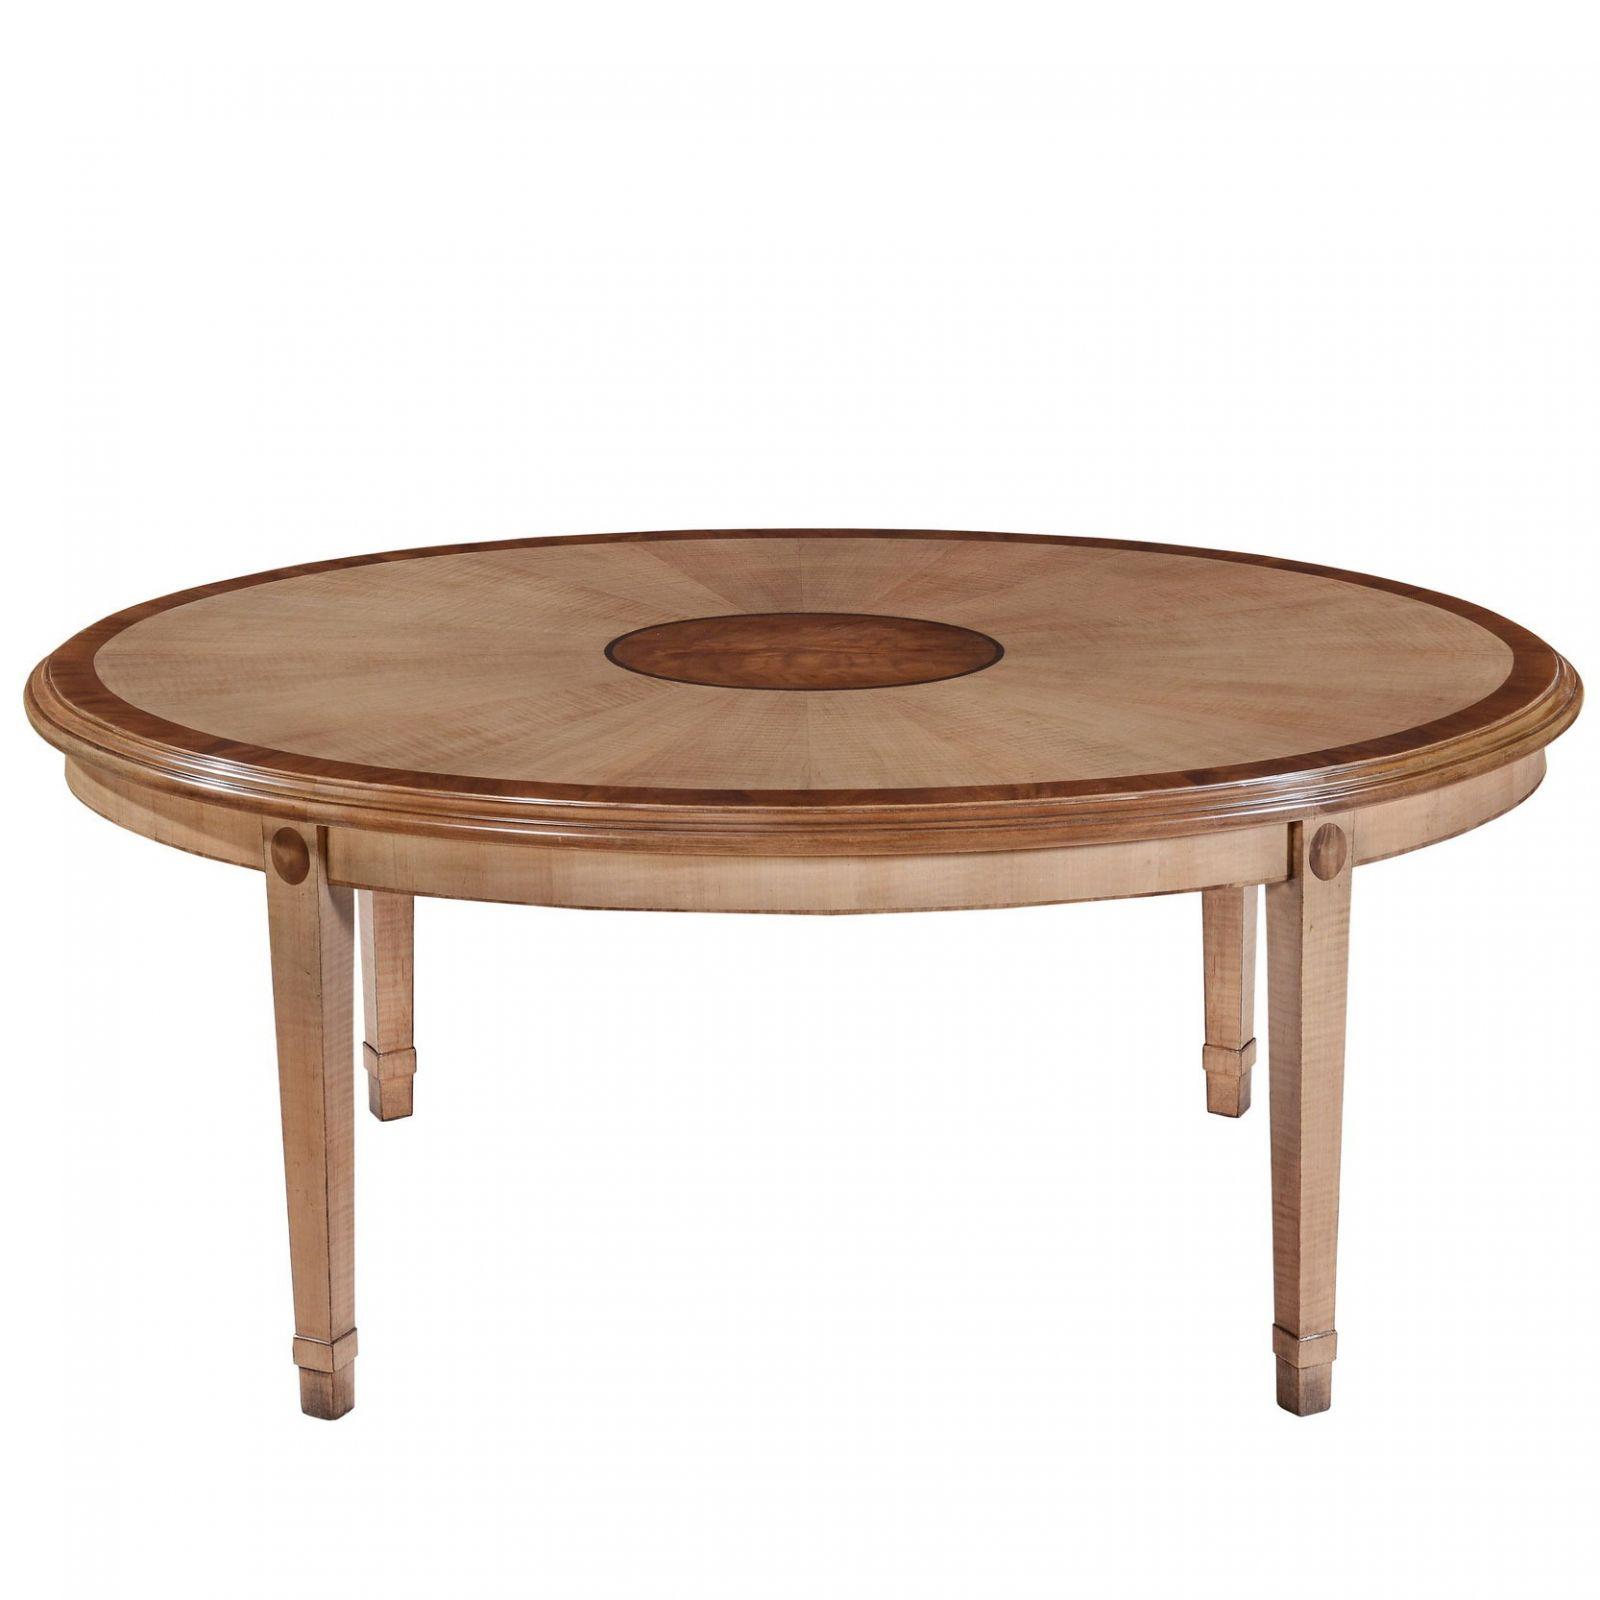 Sheraton Style Coffee Table